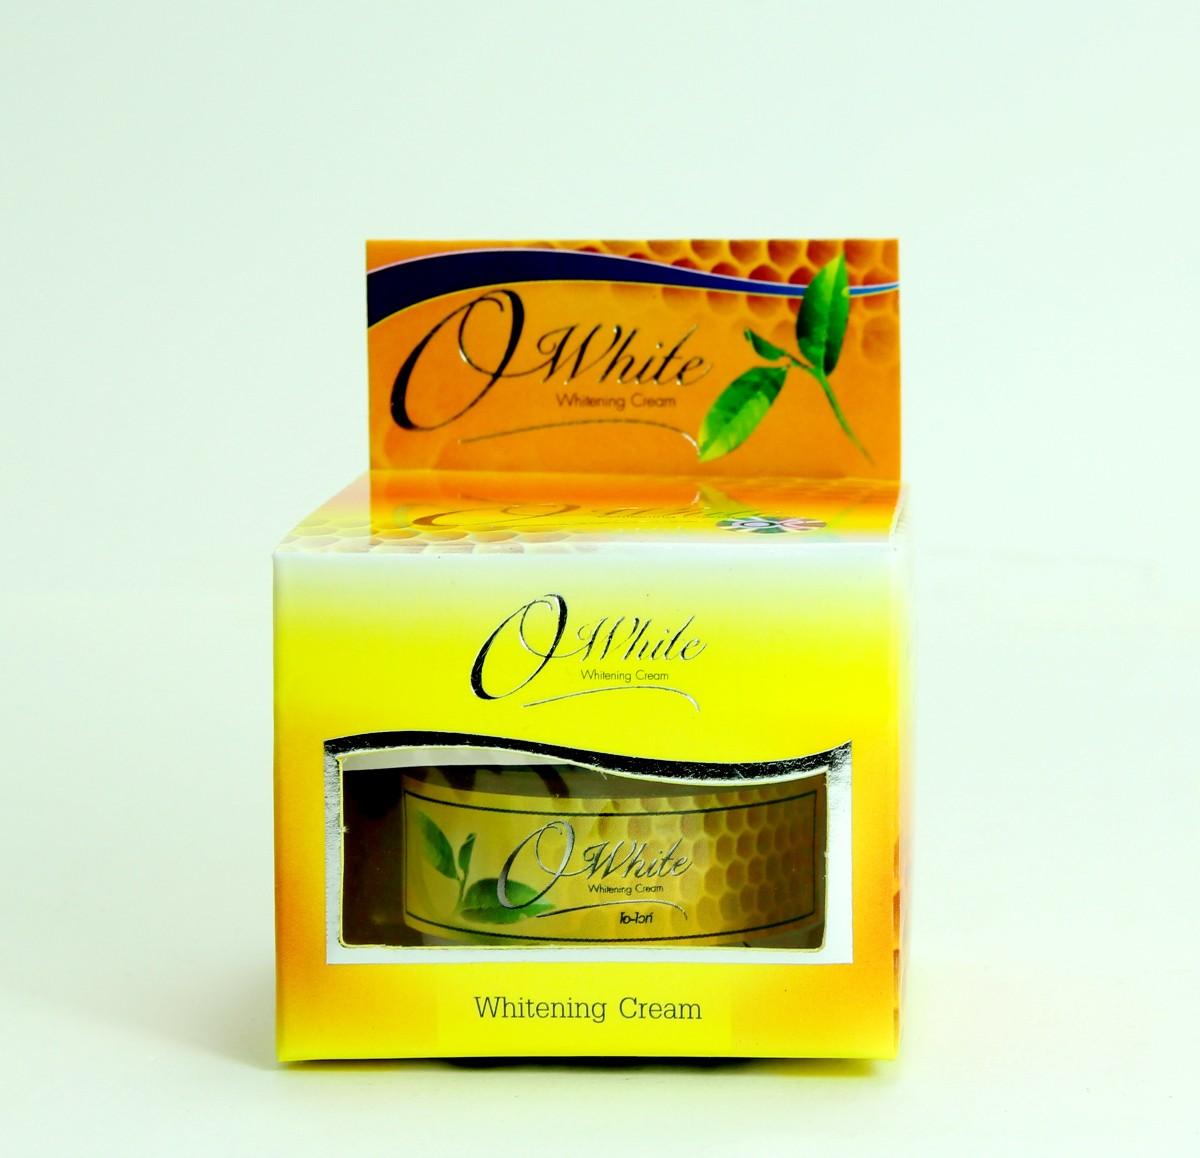 OWhite Whitening Cream 1@120 ครีมโอไวท์ ไวท์เทนนิ่ง กล่องเหลือง